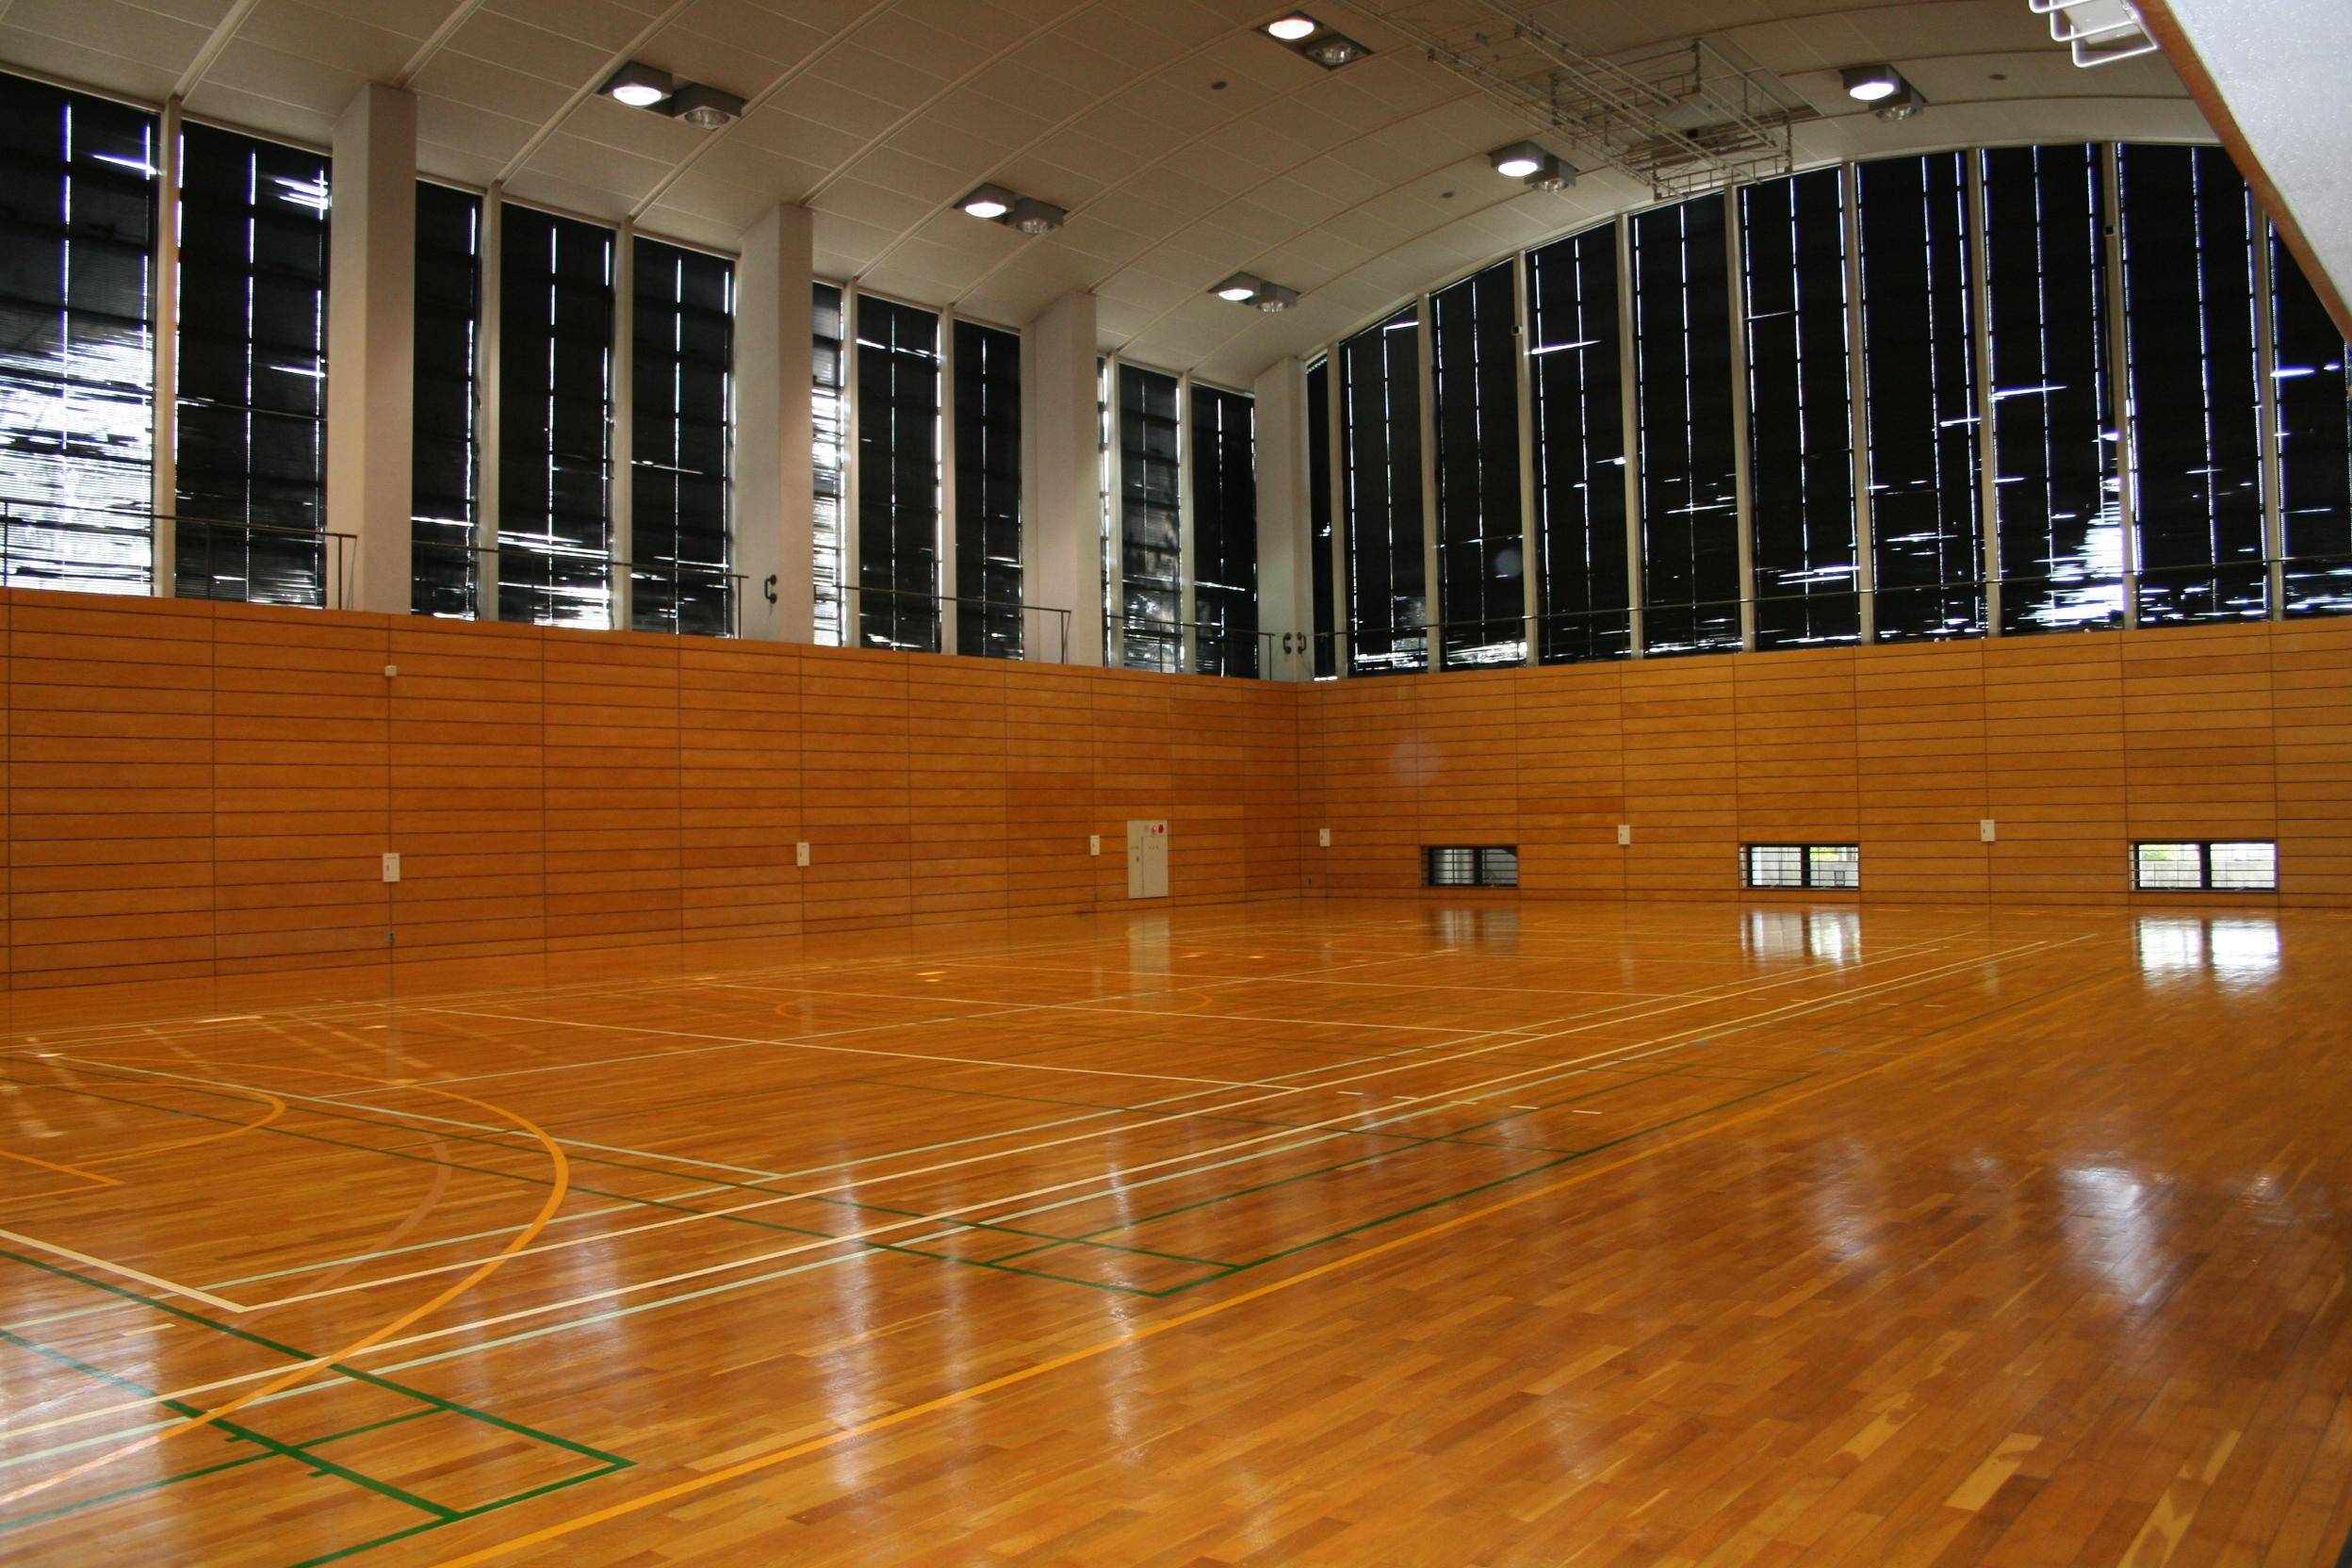 ヴィクトリーナ・ウインク体育館第二競技場画像